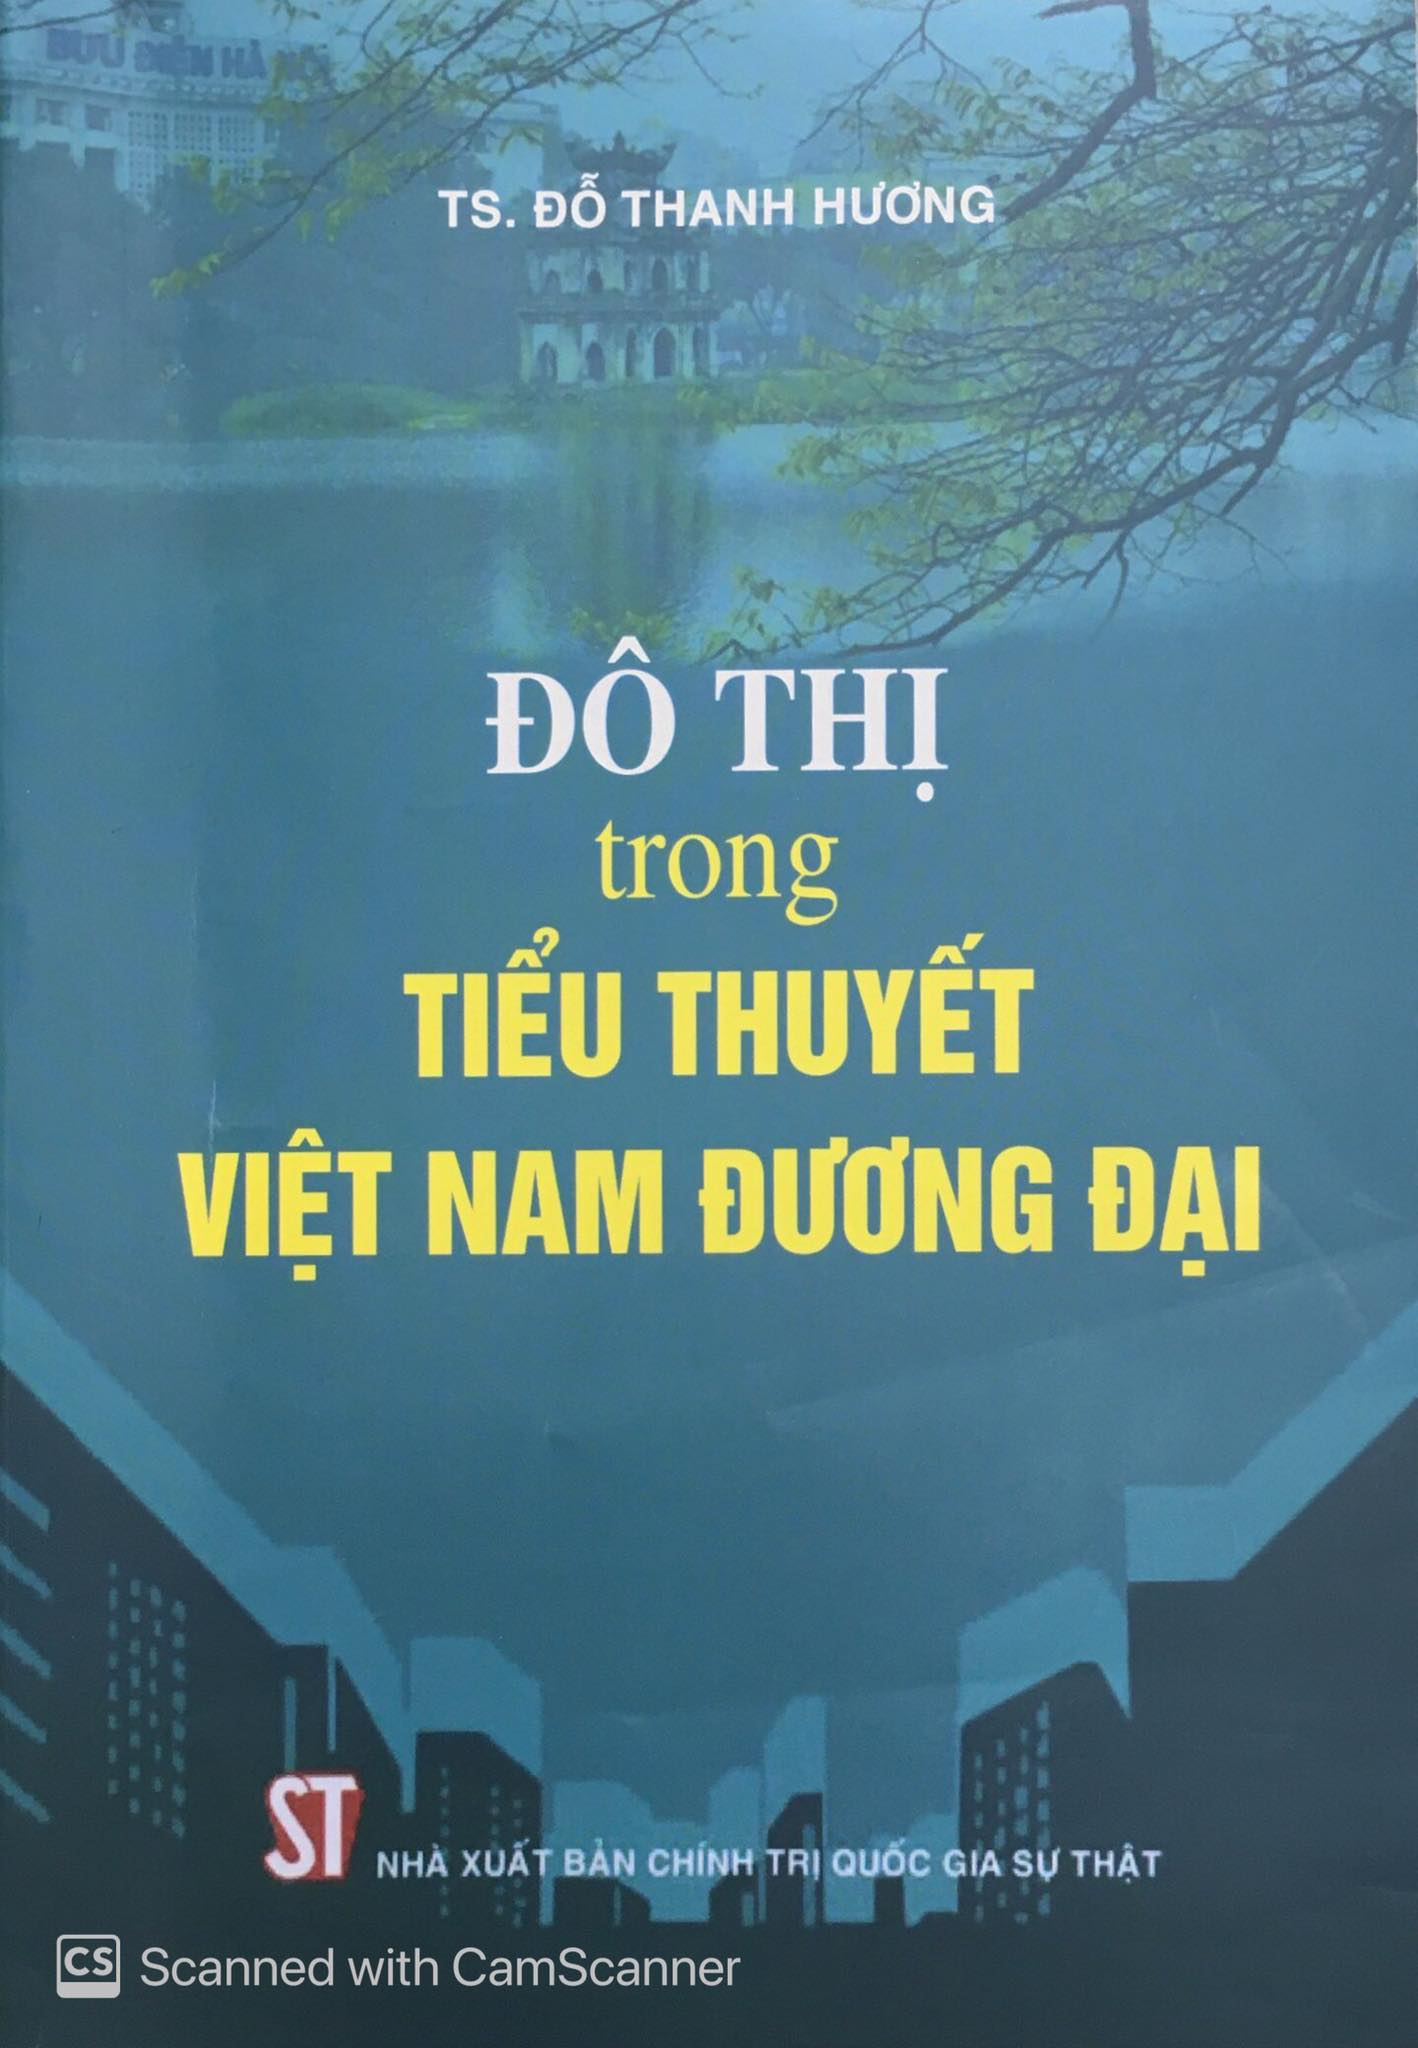 Đô thị trong tiểu thuyết Việt Nam đương đại